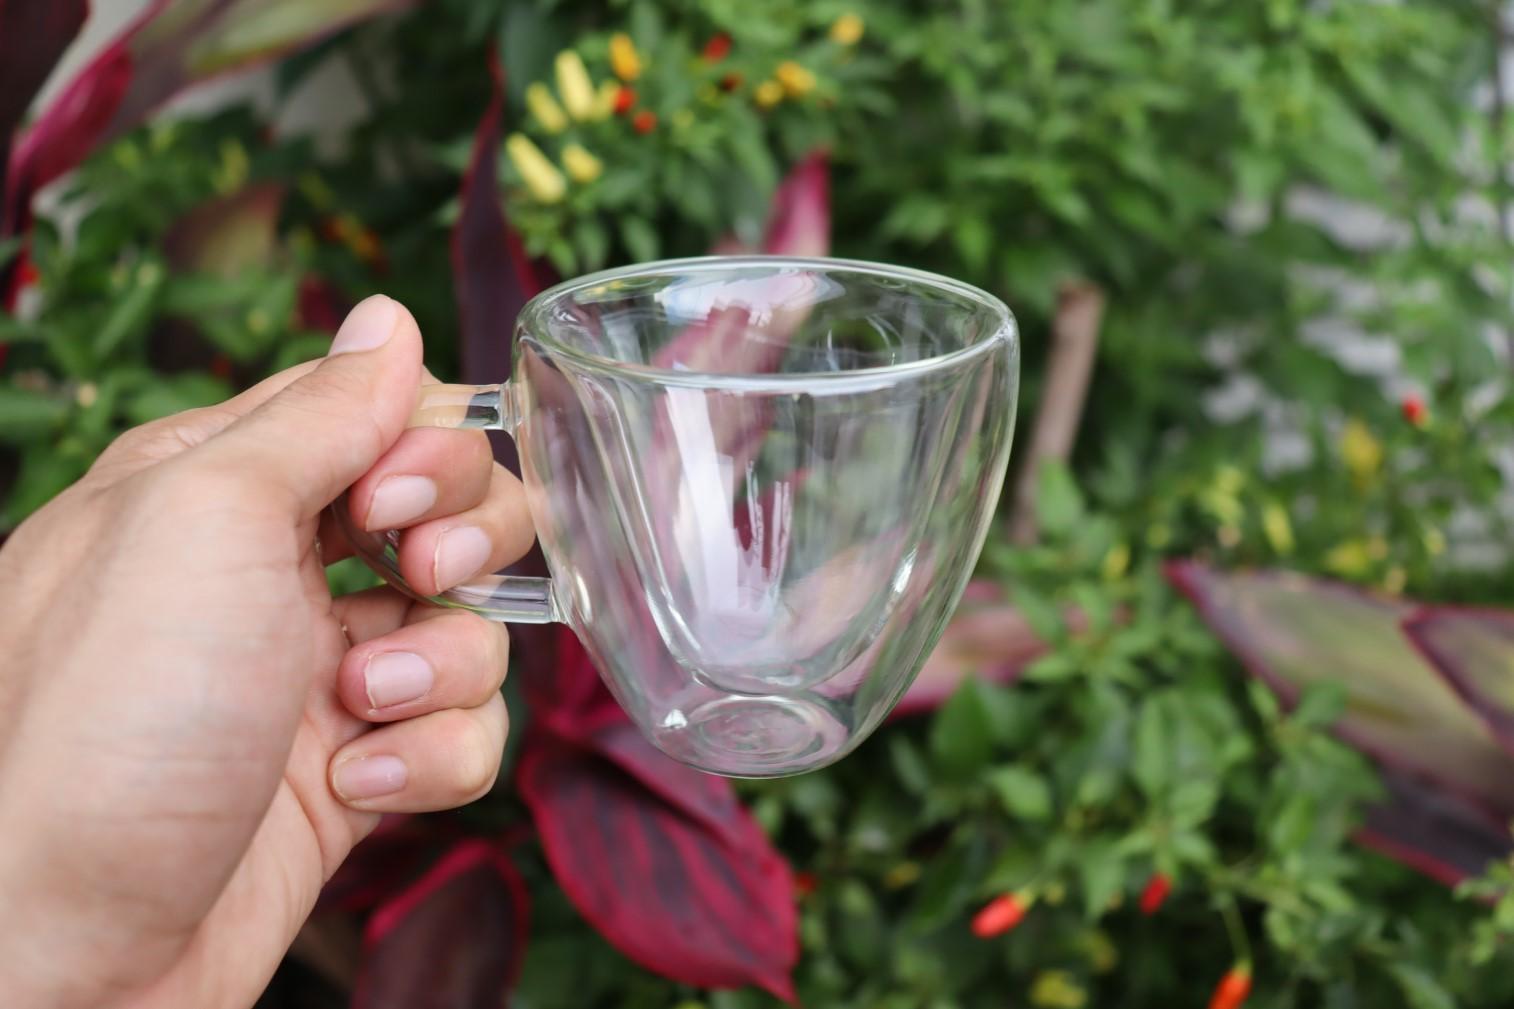 xícara de café parede dupla camada de vidro 2 unidades 150mL caneca de cafe nespesso dolcegusto